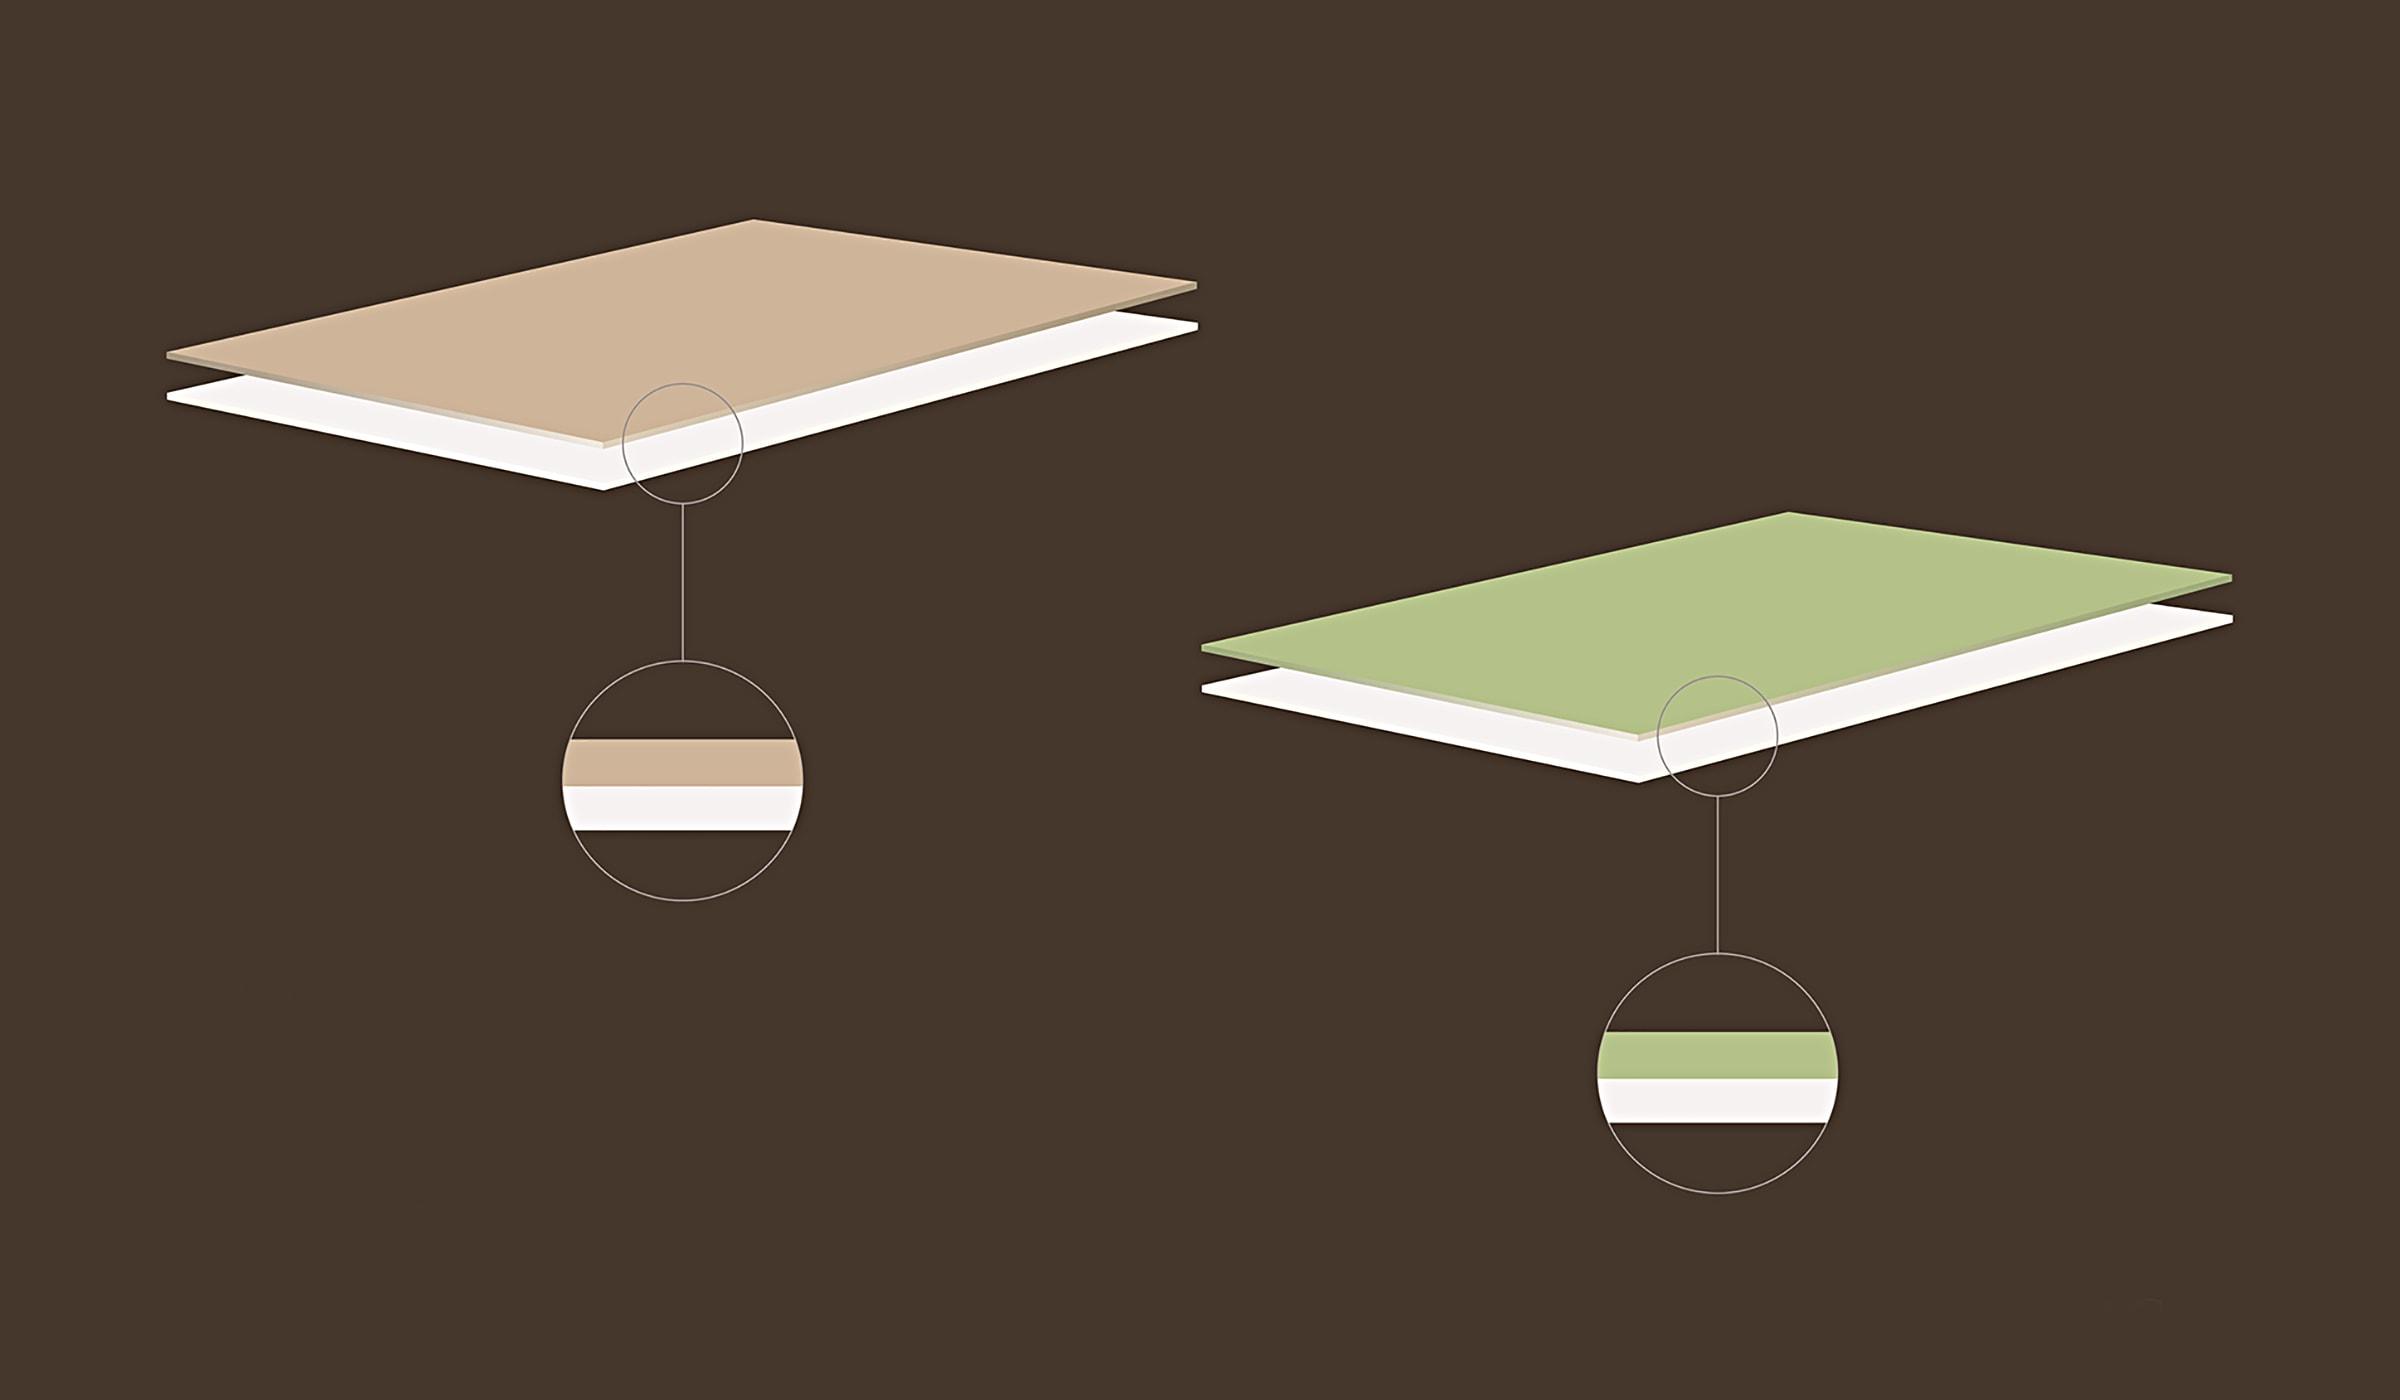 Corporate Design für eine Bäckerei mit Café entwickelt durch die Designagentur mieker - Konzept Design Strategie. Vektordarstellung Visitenkarten. Bestandteile des Erscheinungsbildes: Kommunikationsdesign, Grafikdesign, Brand- und Corporate Design, Logodesign, Werbemittel und Werbung. Regionen: Luxembourg, Saarbrücken, Trier, Koblenz.